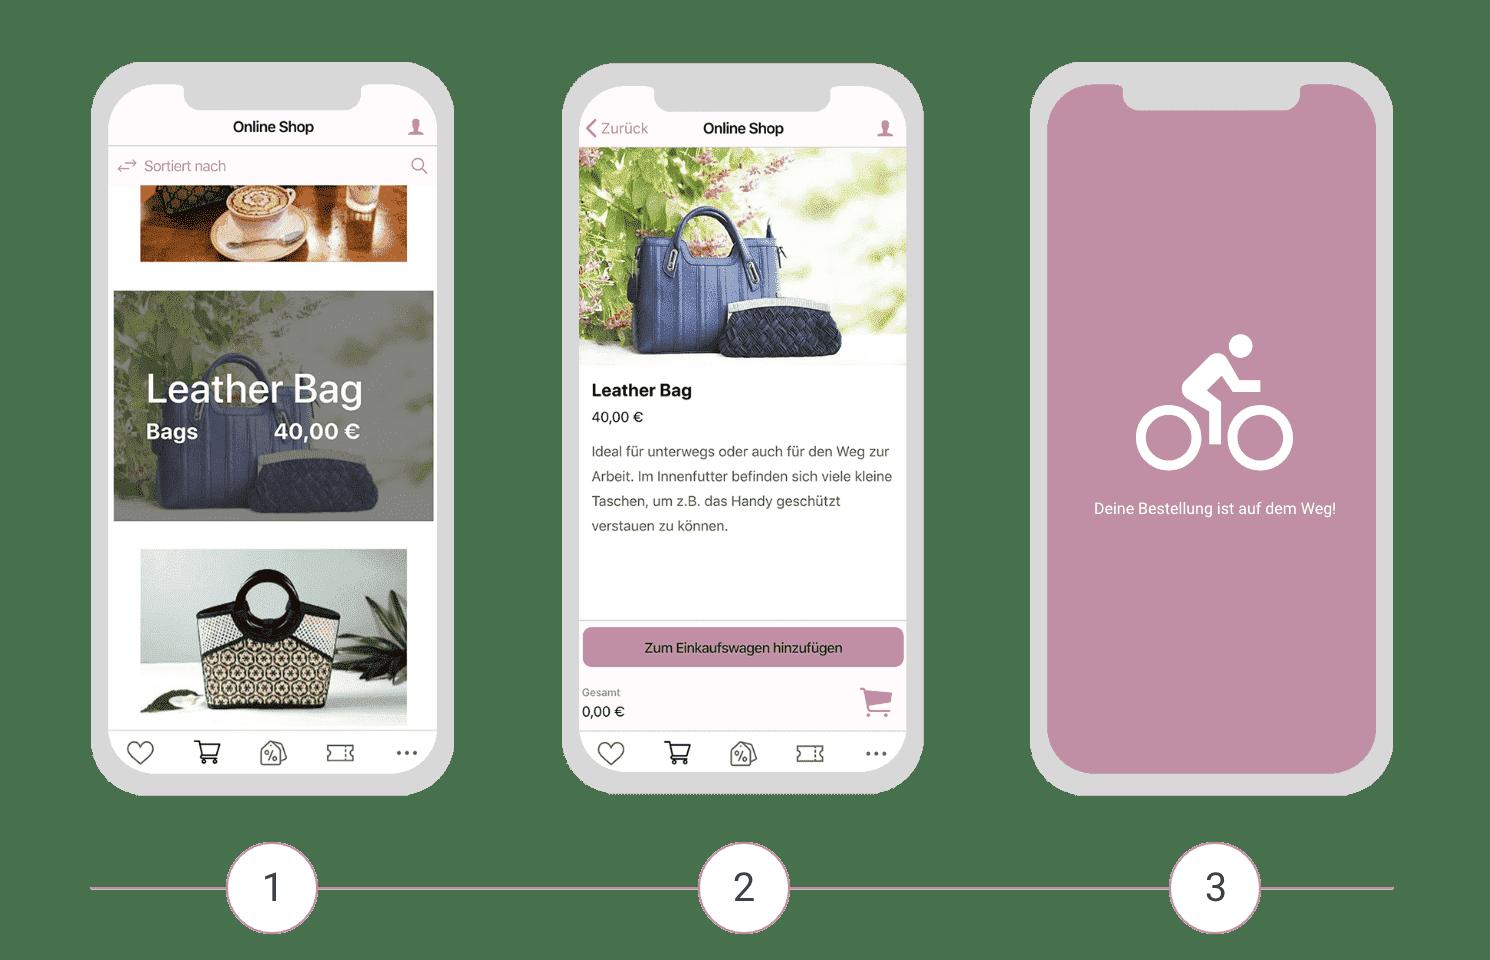 Die Retail App kann auch als reine Shopping App verwendet werden